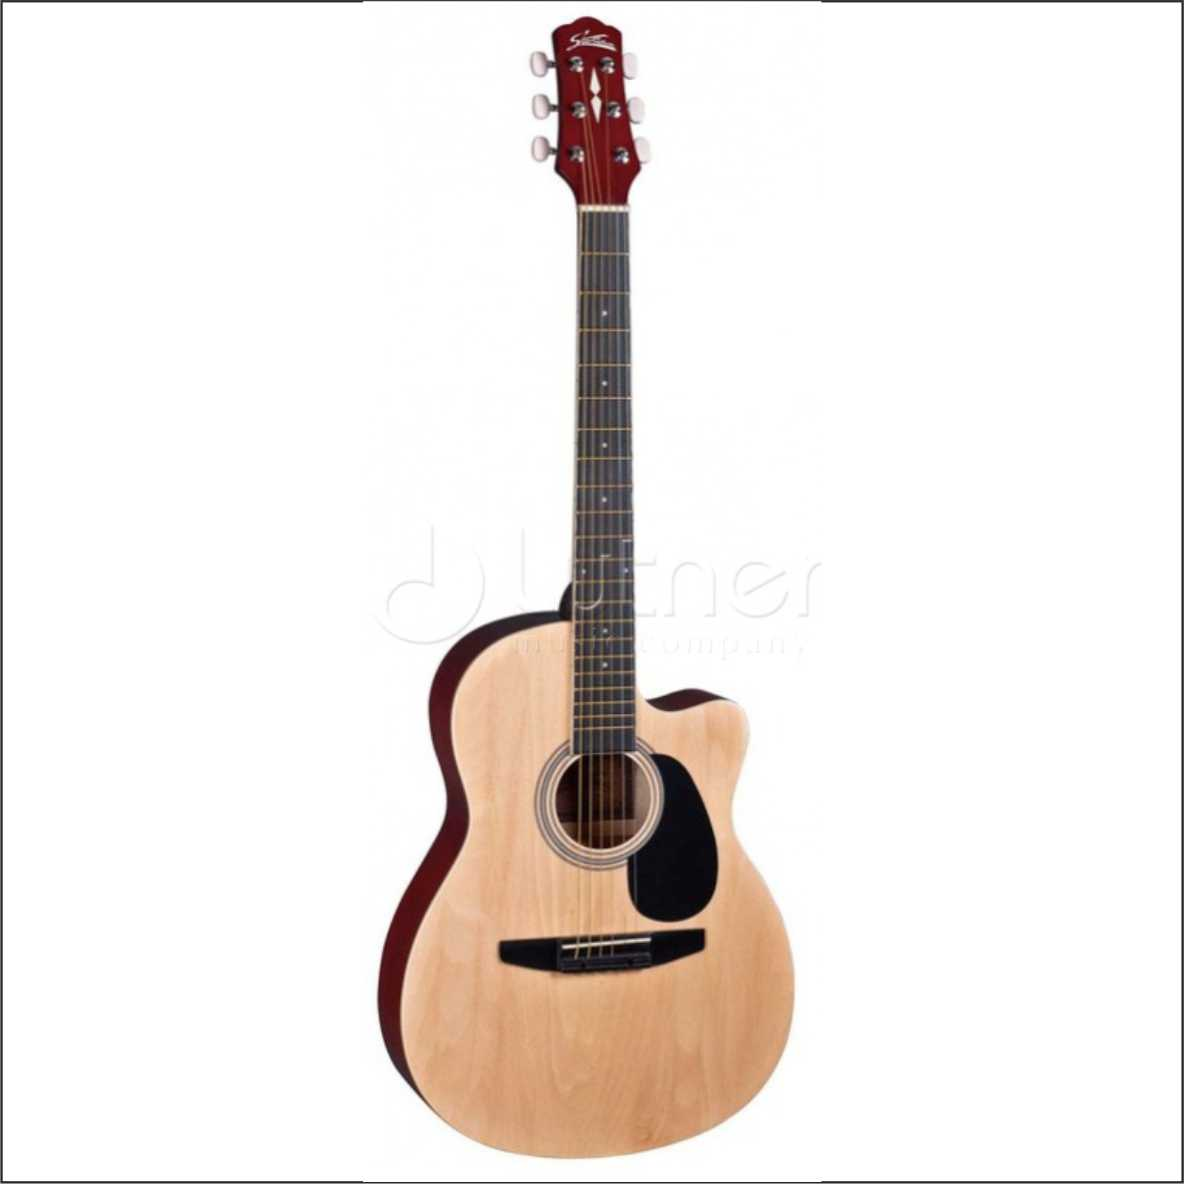 cag110cna-akusticheskaya-gitara-s-vyirezom-naranda